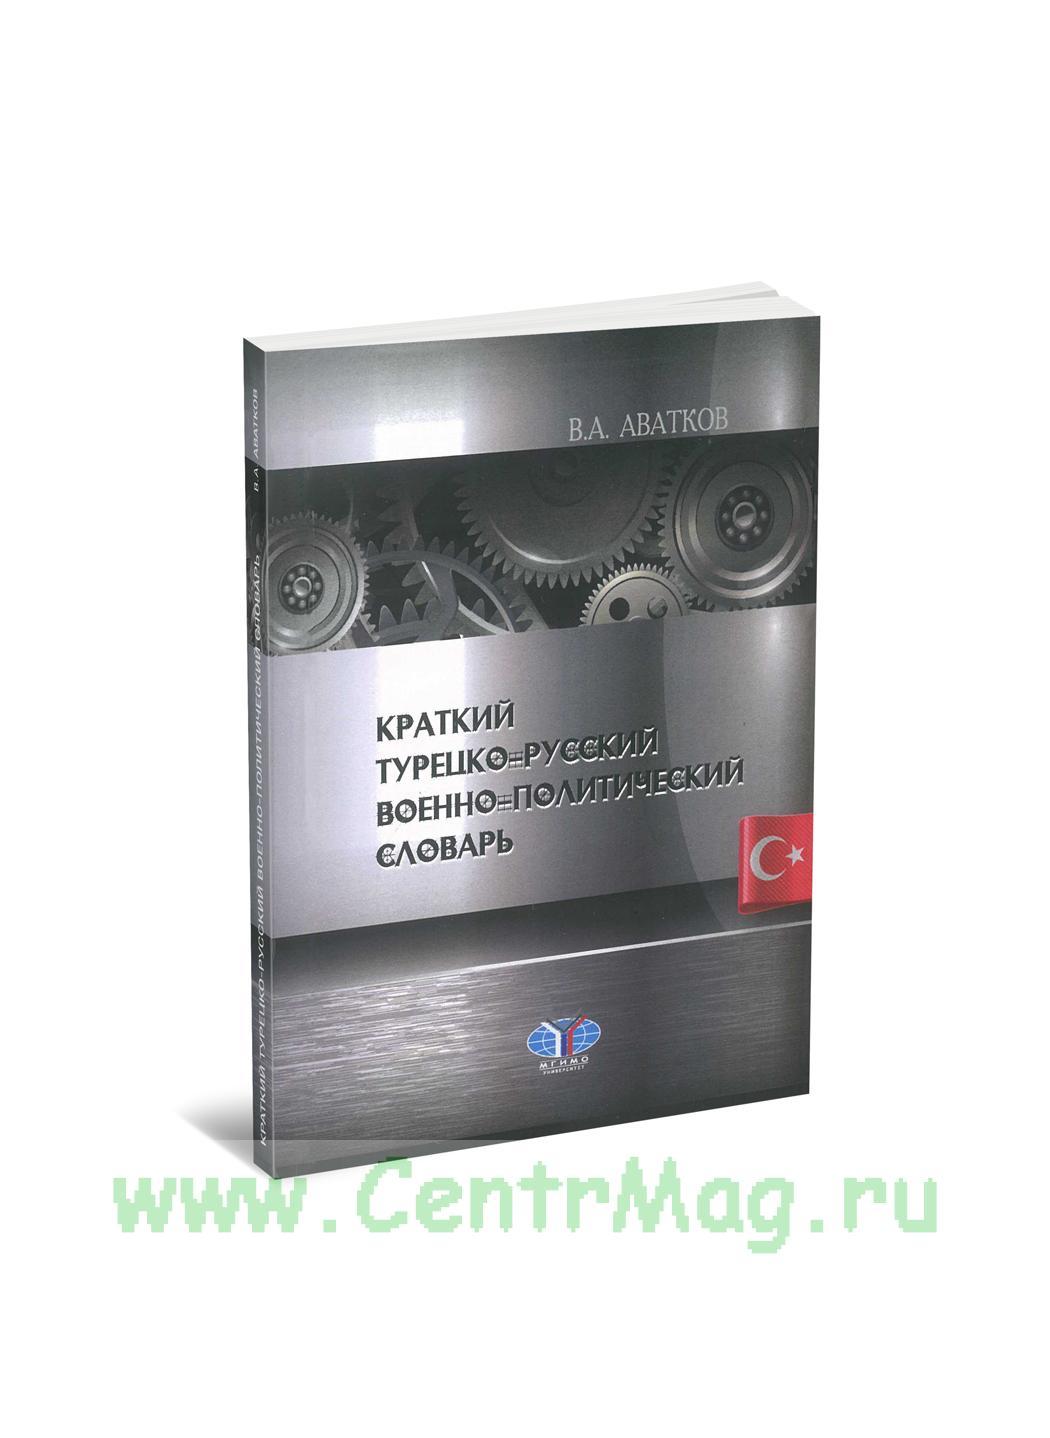 Краткий турецко-русский военно-политический словарь